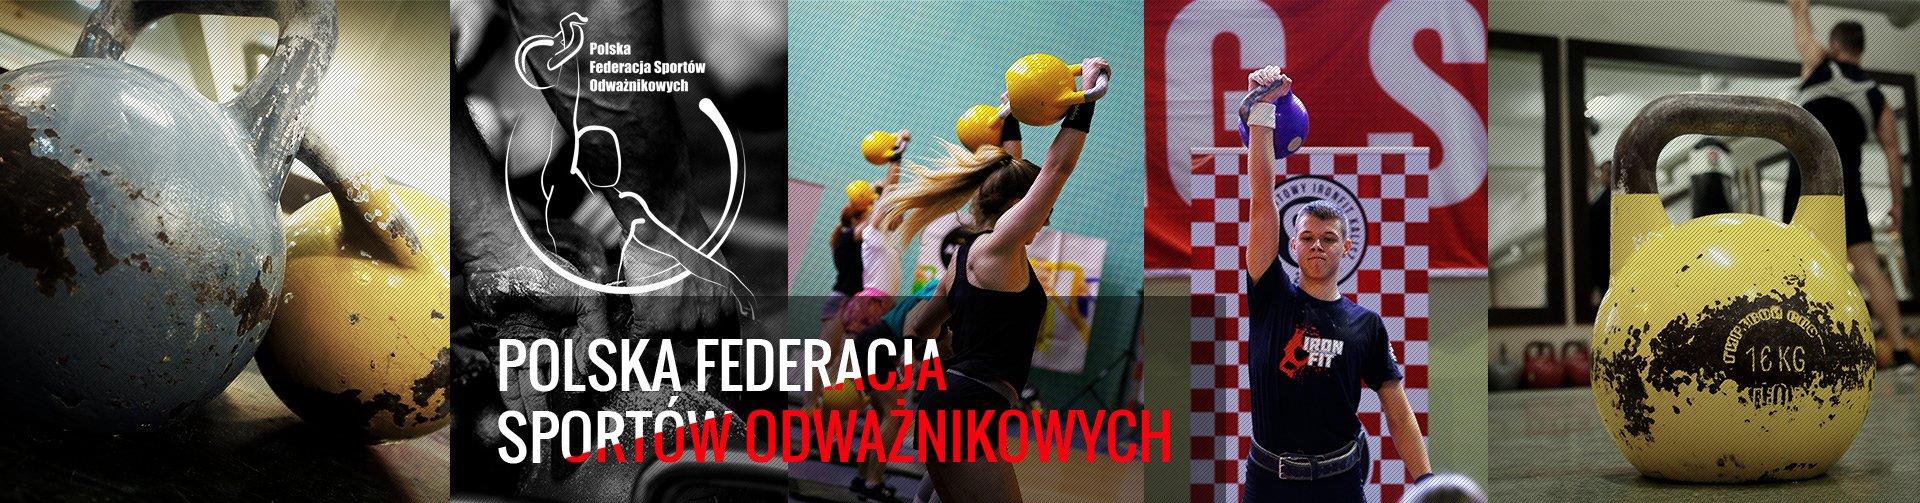 Polska Federacja Sportów Odważnikowych